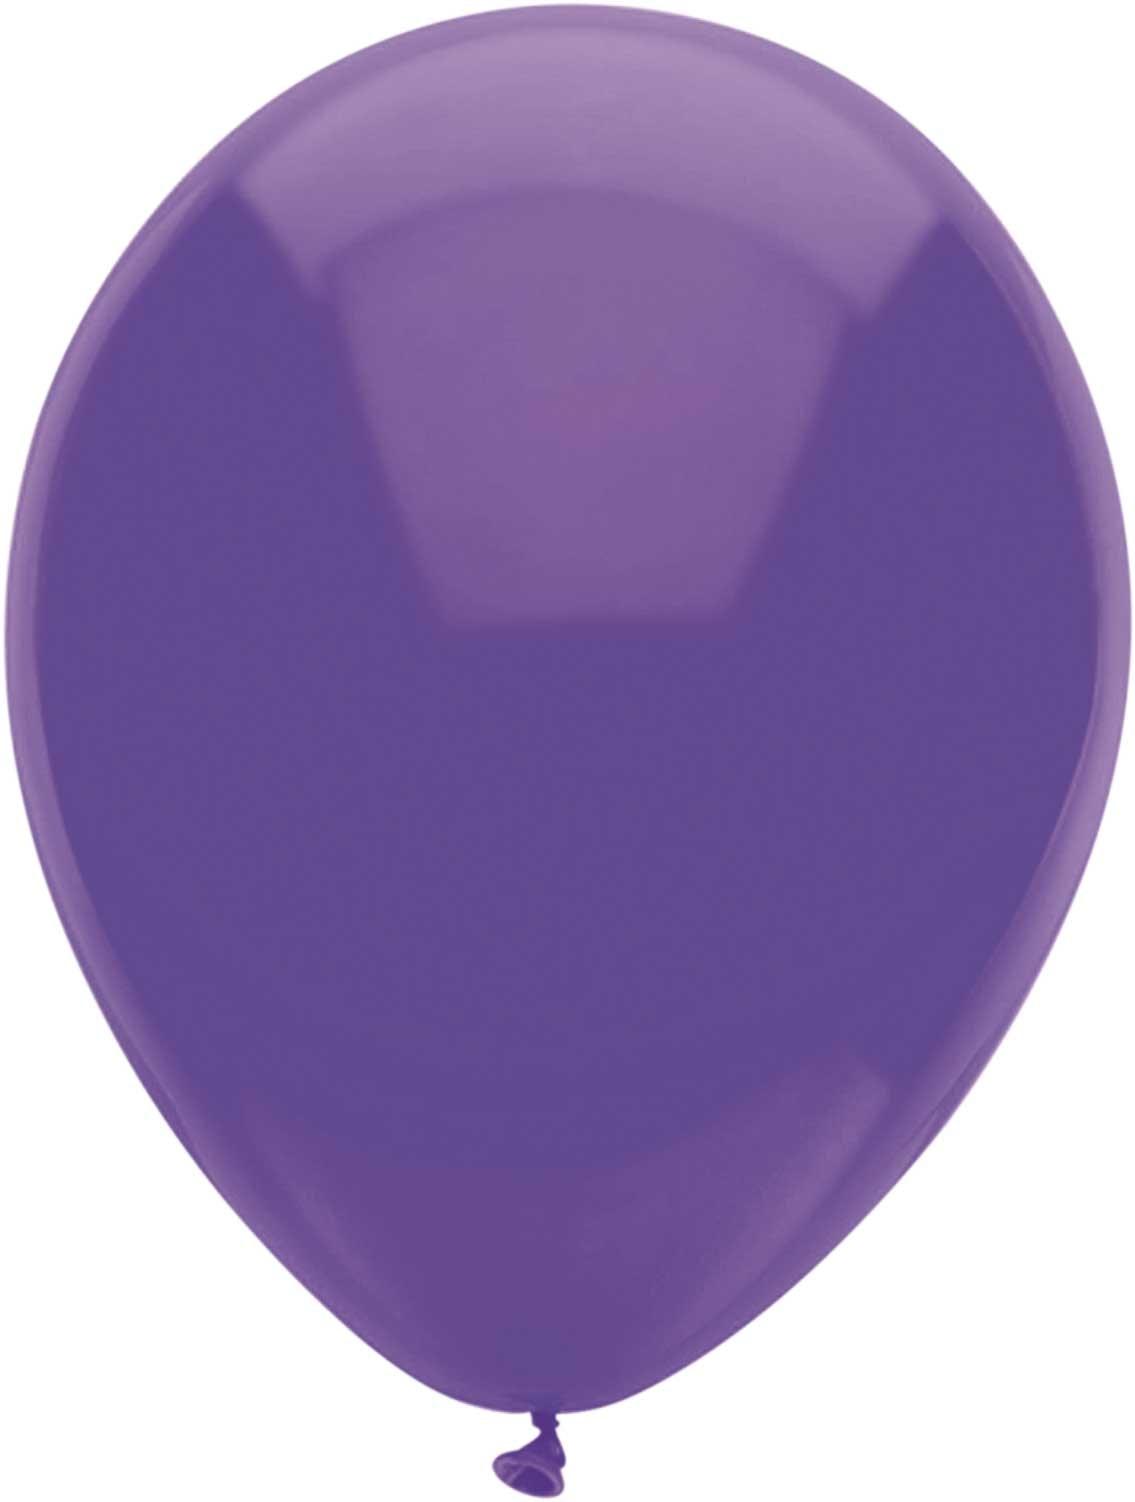 Ballonnen rond paars 10 stuks